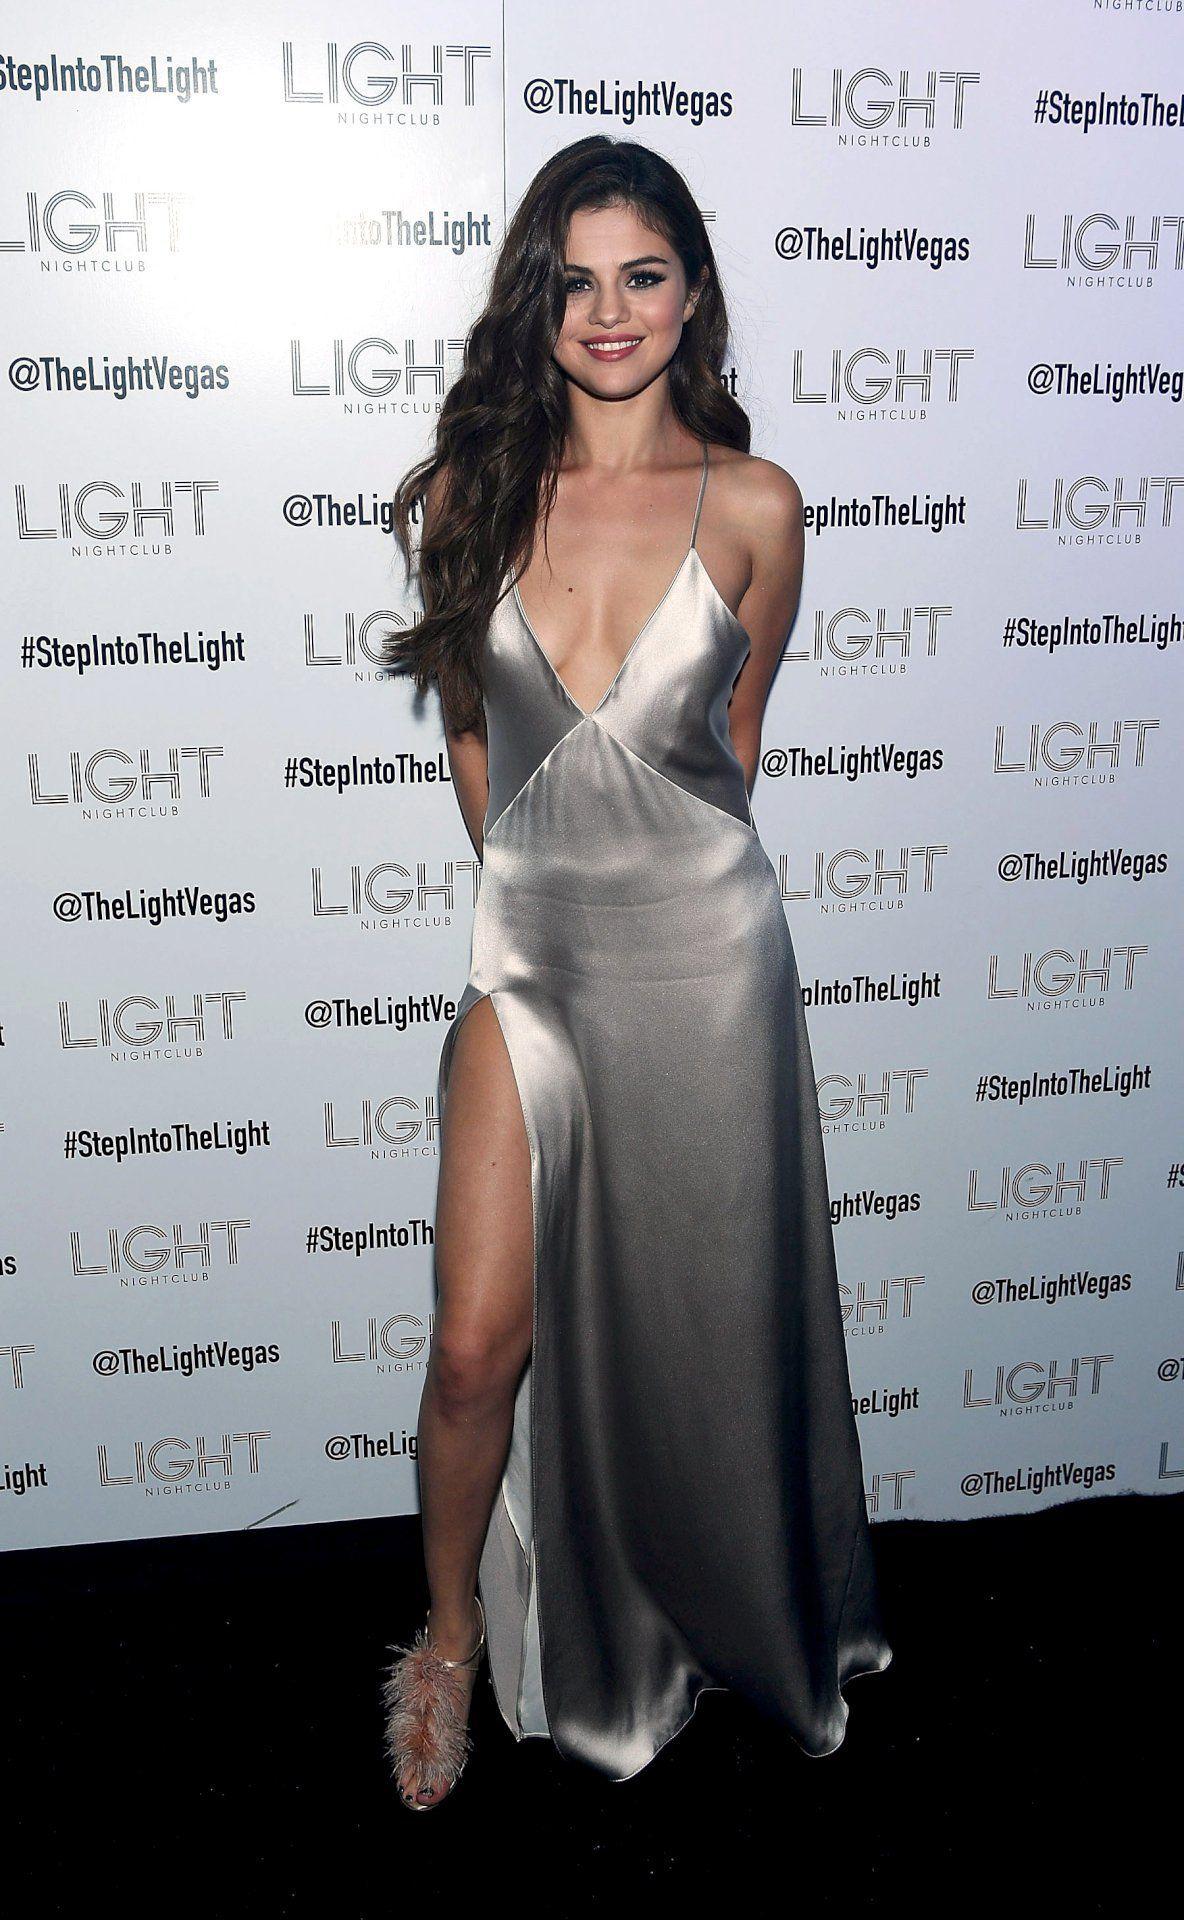 Cristina Marino. 2018-2019 celebrityes photos leaks!